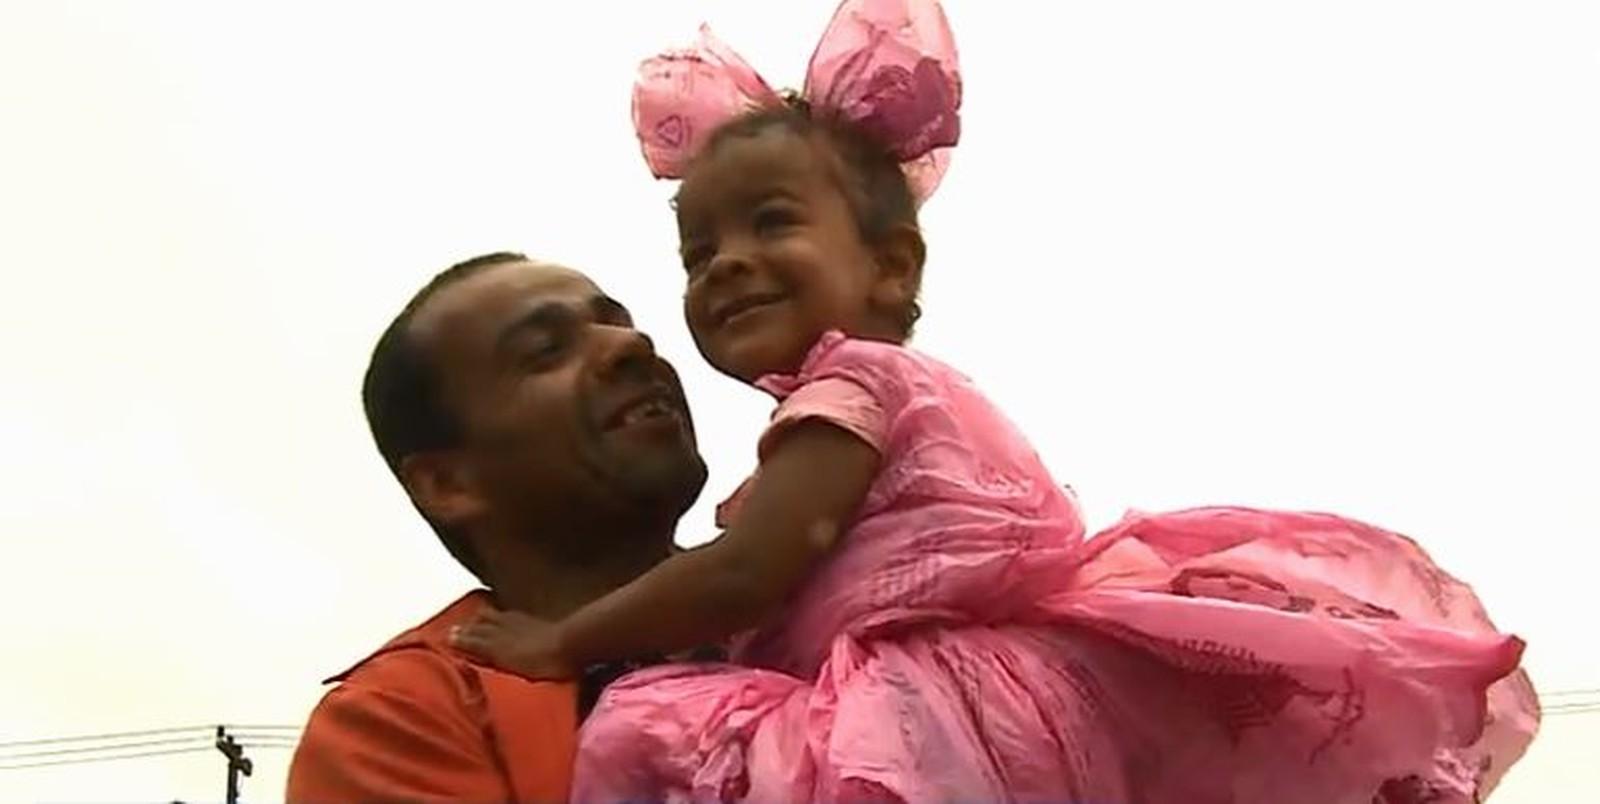 Sem dinheiro, pai faz fantasia para filha com sacolas de mercado